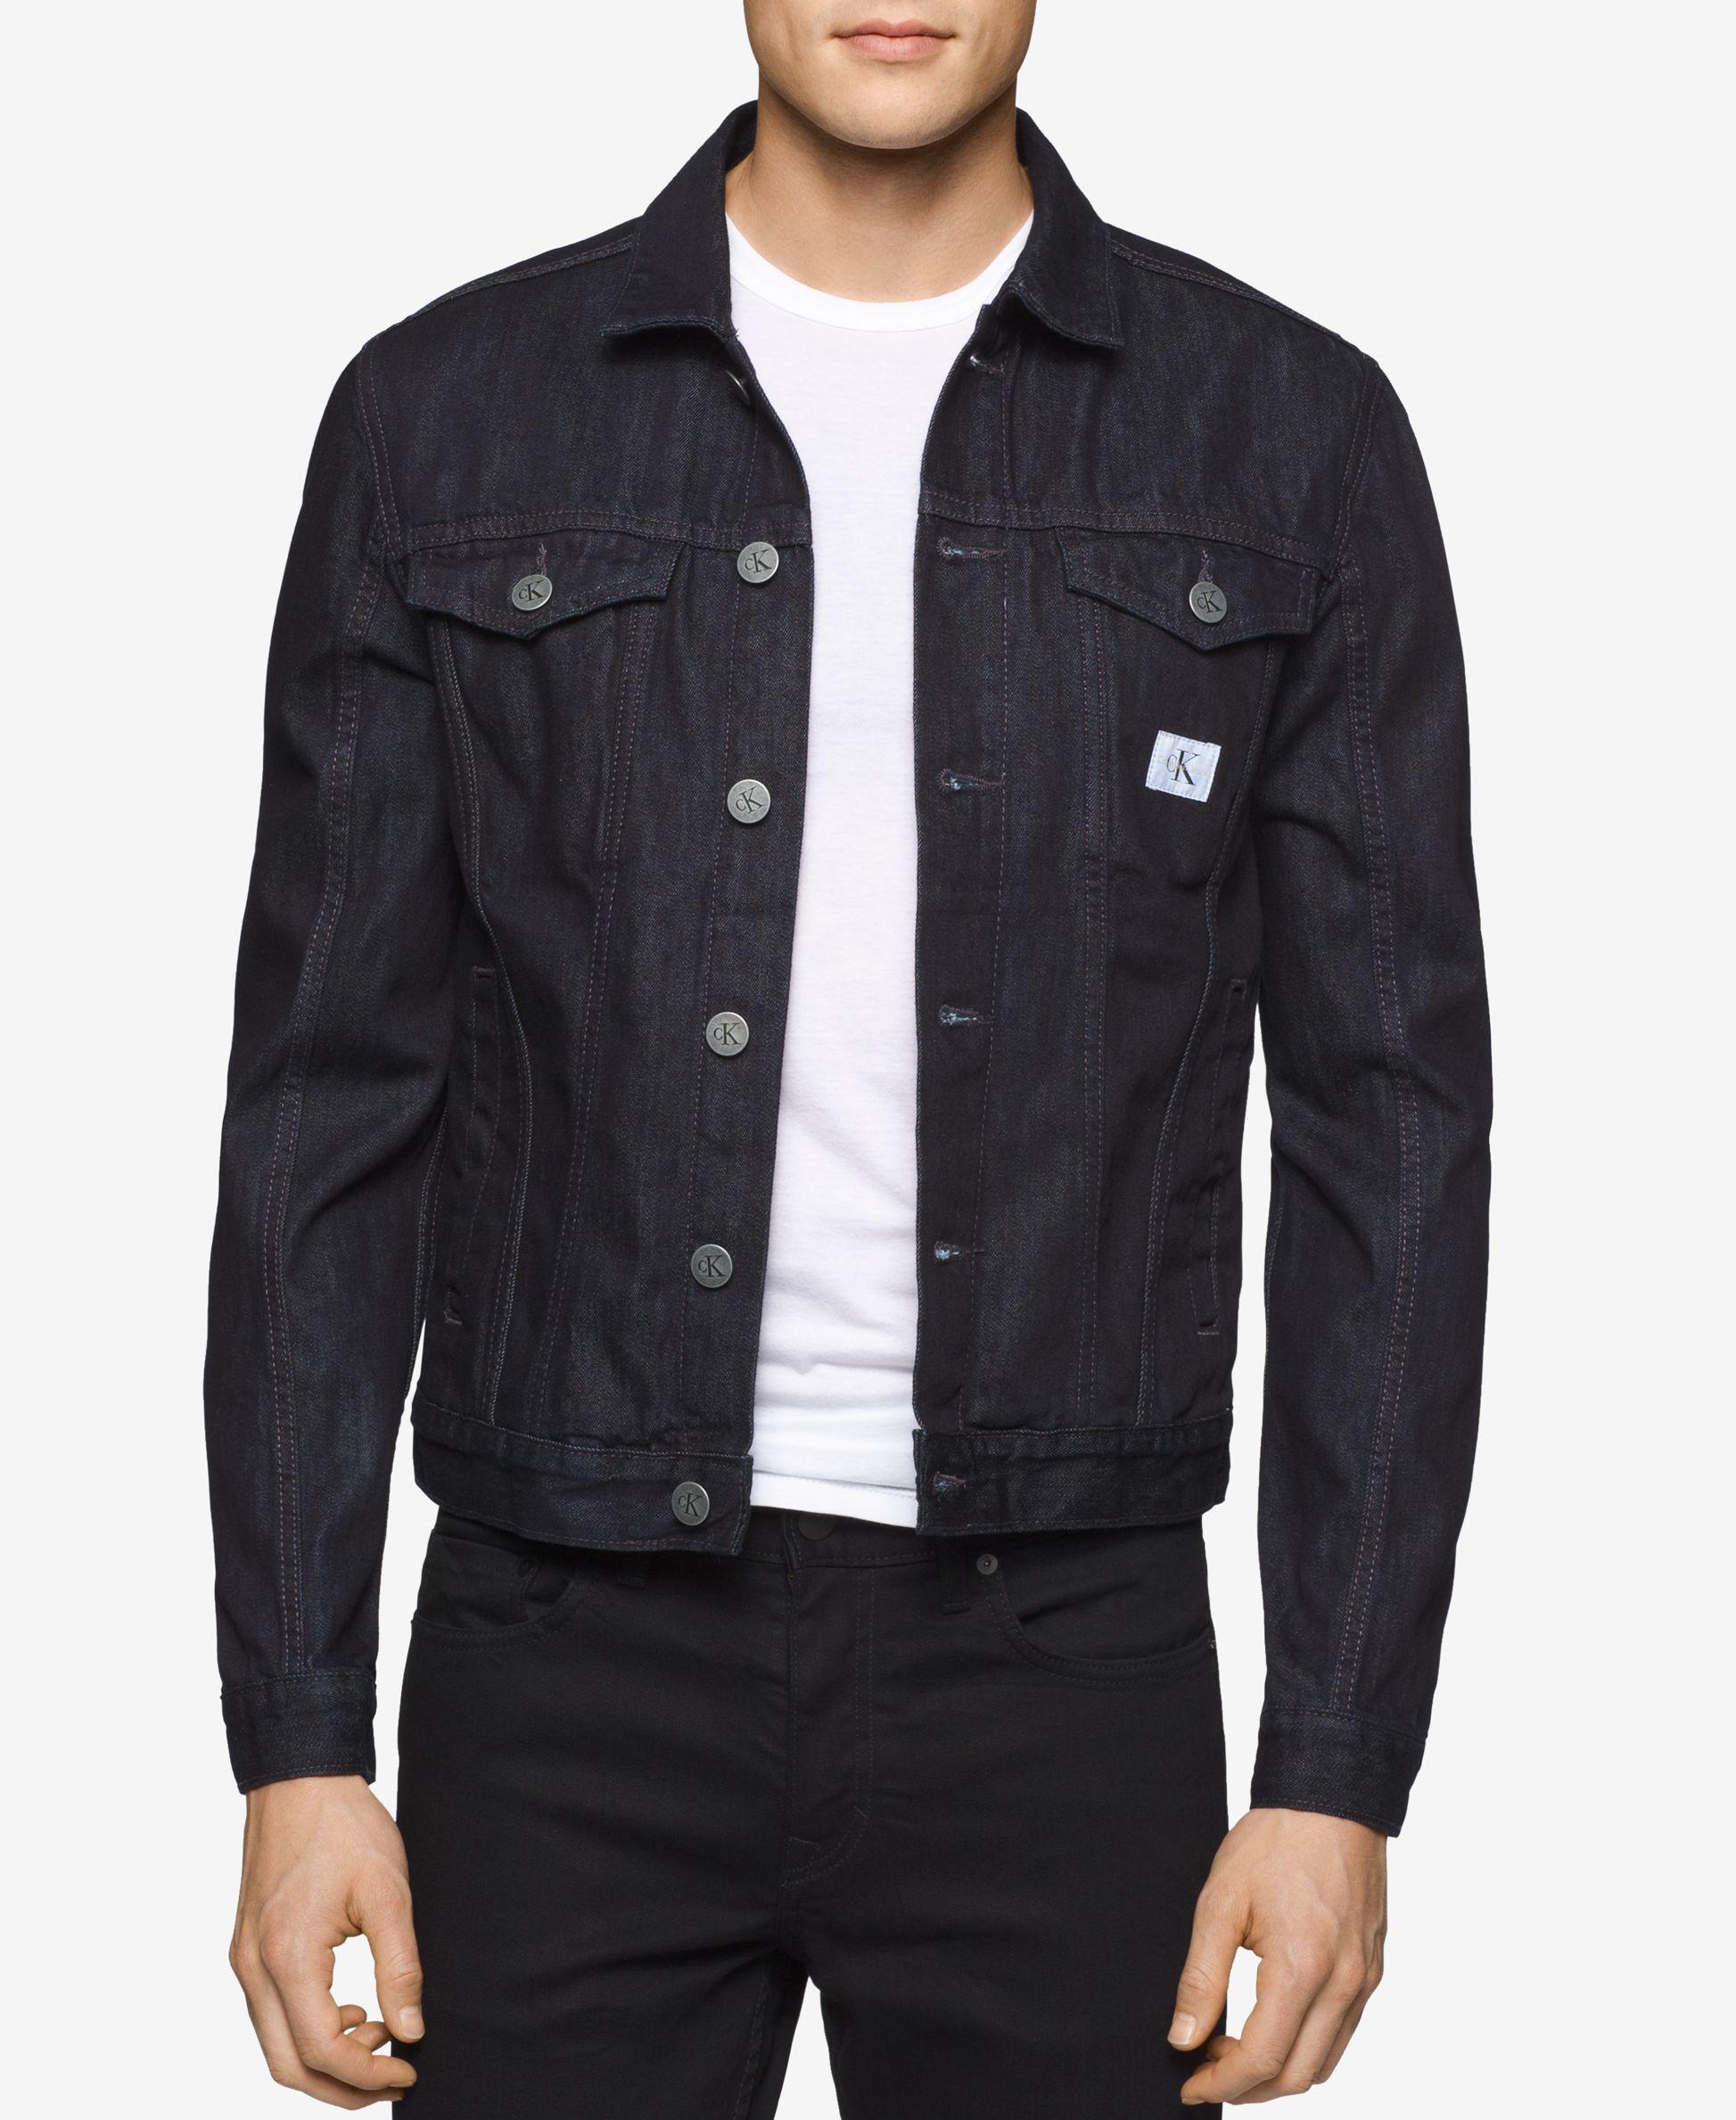 Calvin klein jeans Menu0026#39;s Rinse-wash Denim Trucker Jacket in Black for Men | Lyst